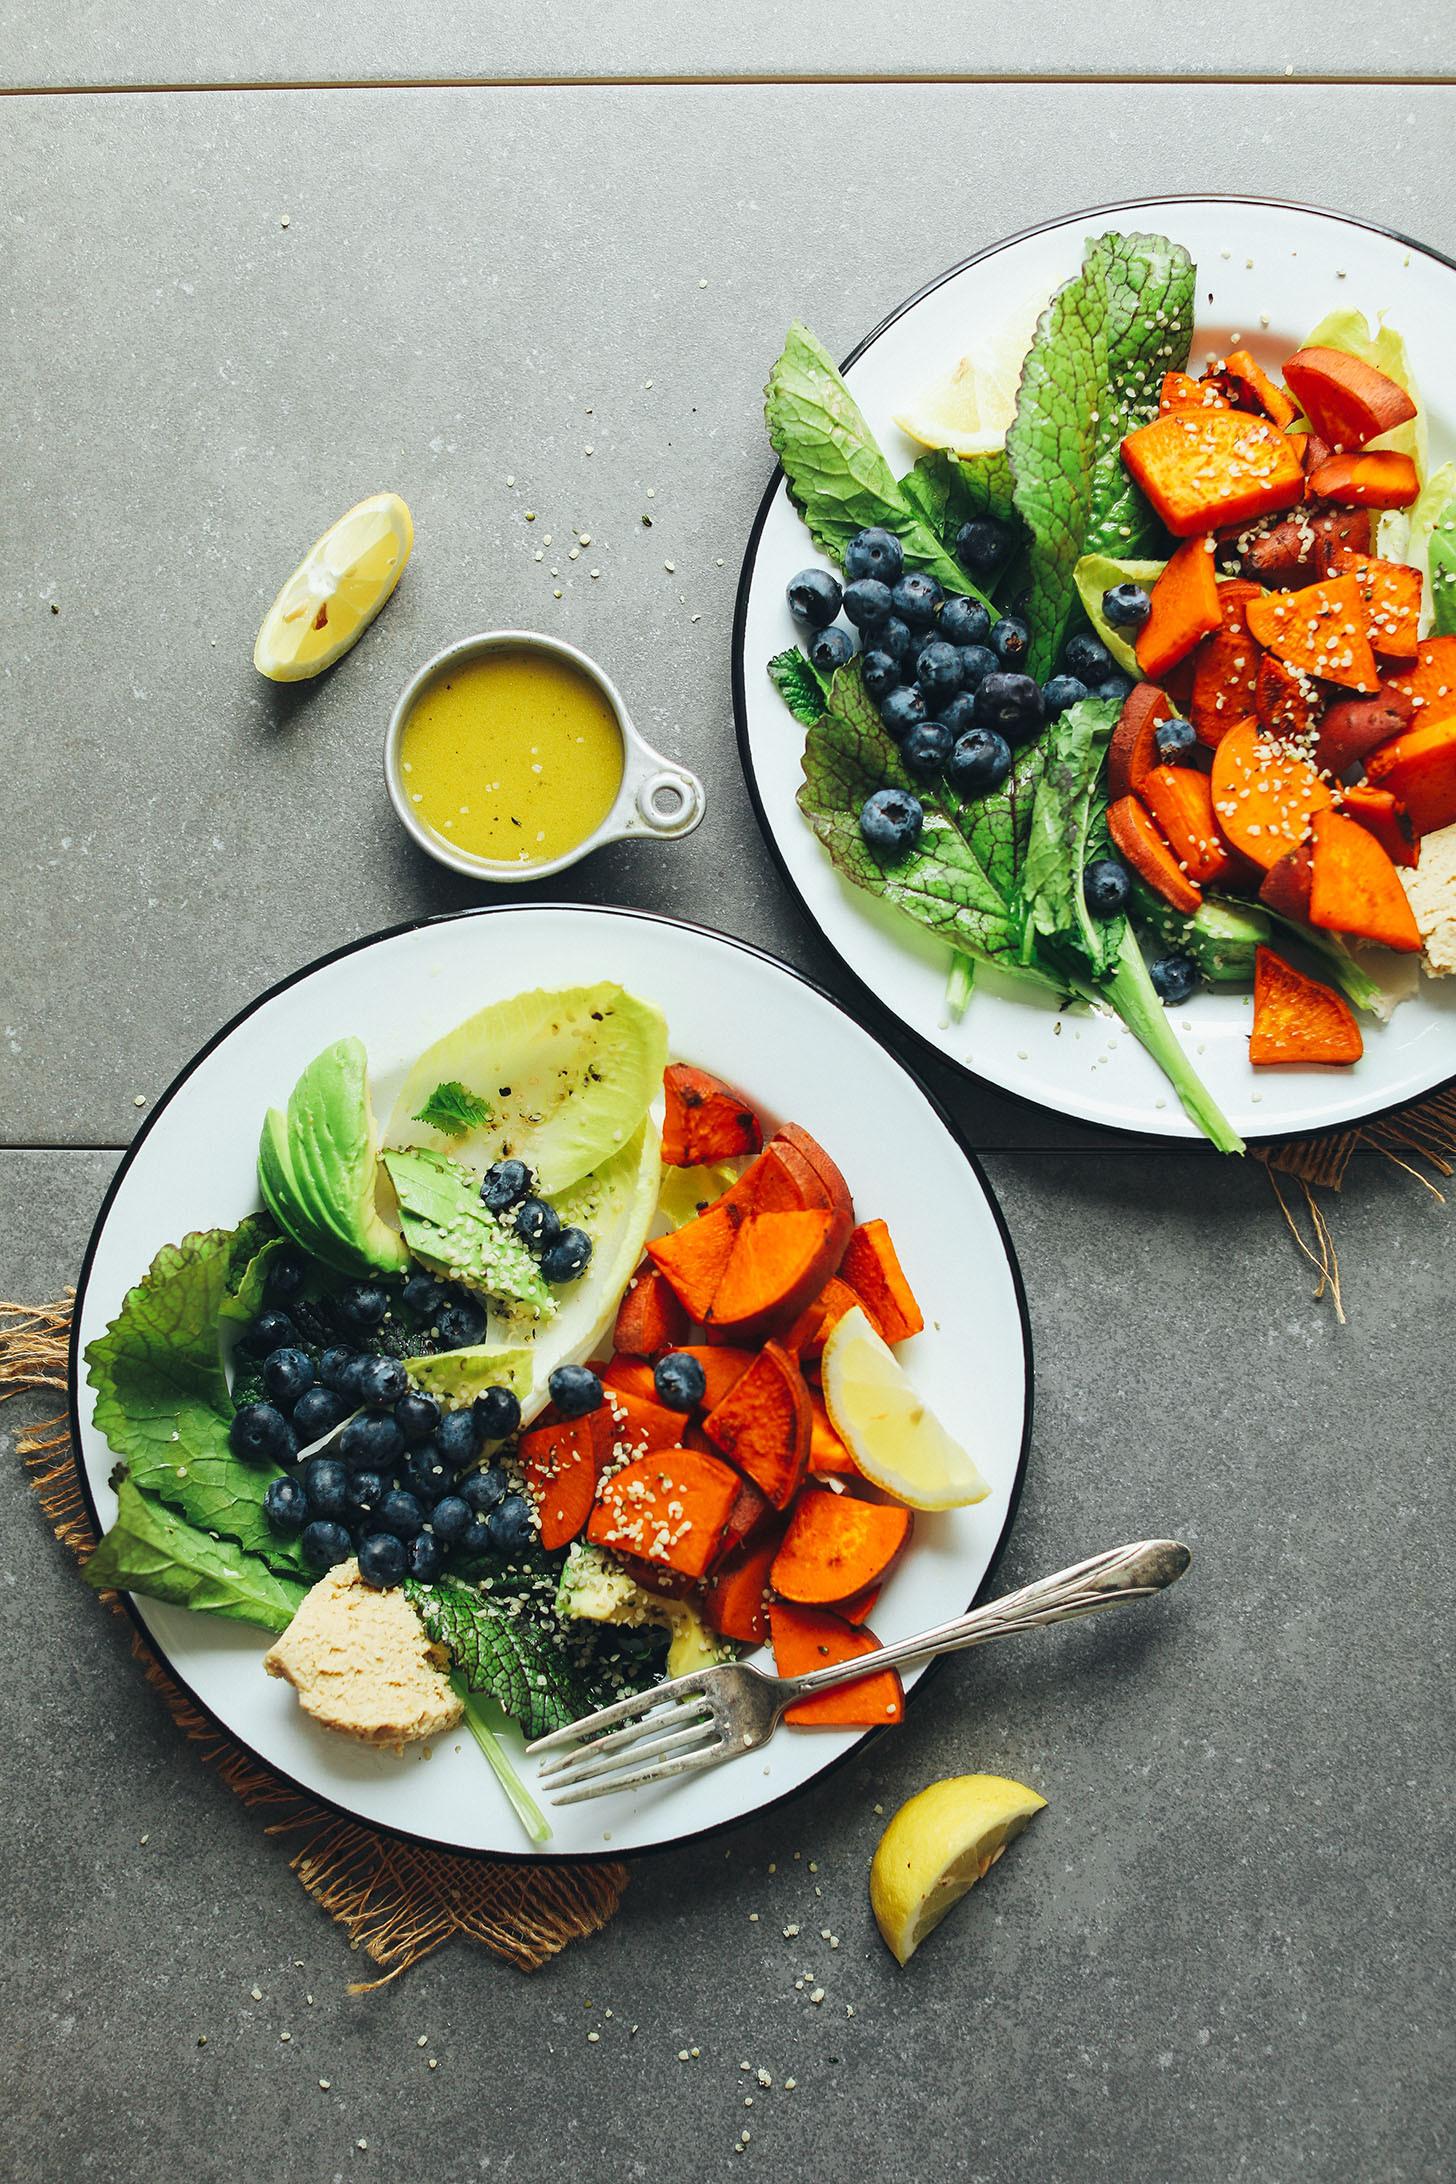 Healthy Savory Breakfast  Blueberry Sweet Potato Breakfast Salad